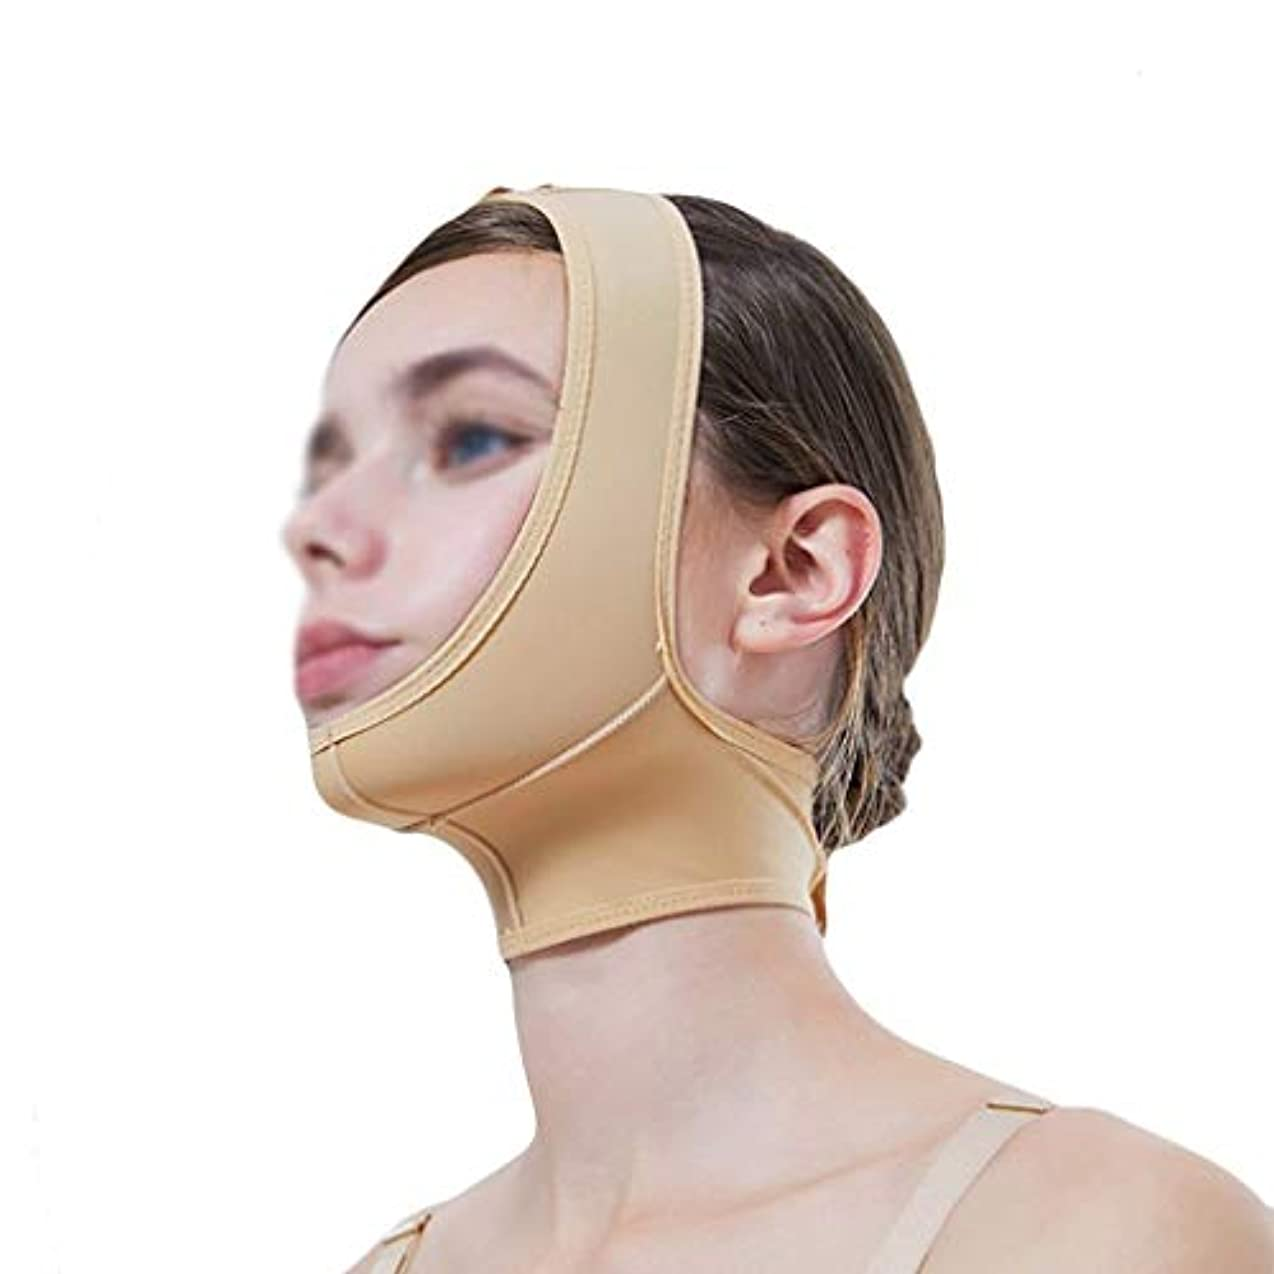 マスク、超薄型ベルト、フェイスリフティングに適し、フェイスリフティング、通気性包帯、あご取りベルト、超薄型ベルト、通気性(サイズ:XL),M